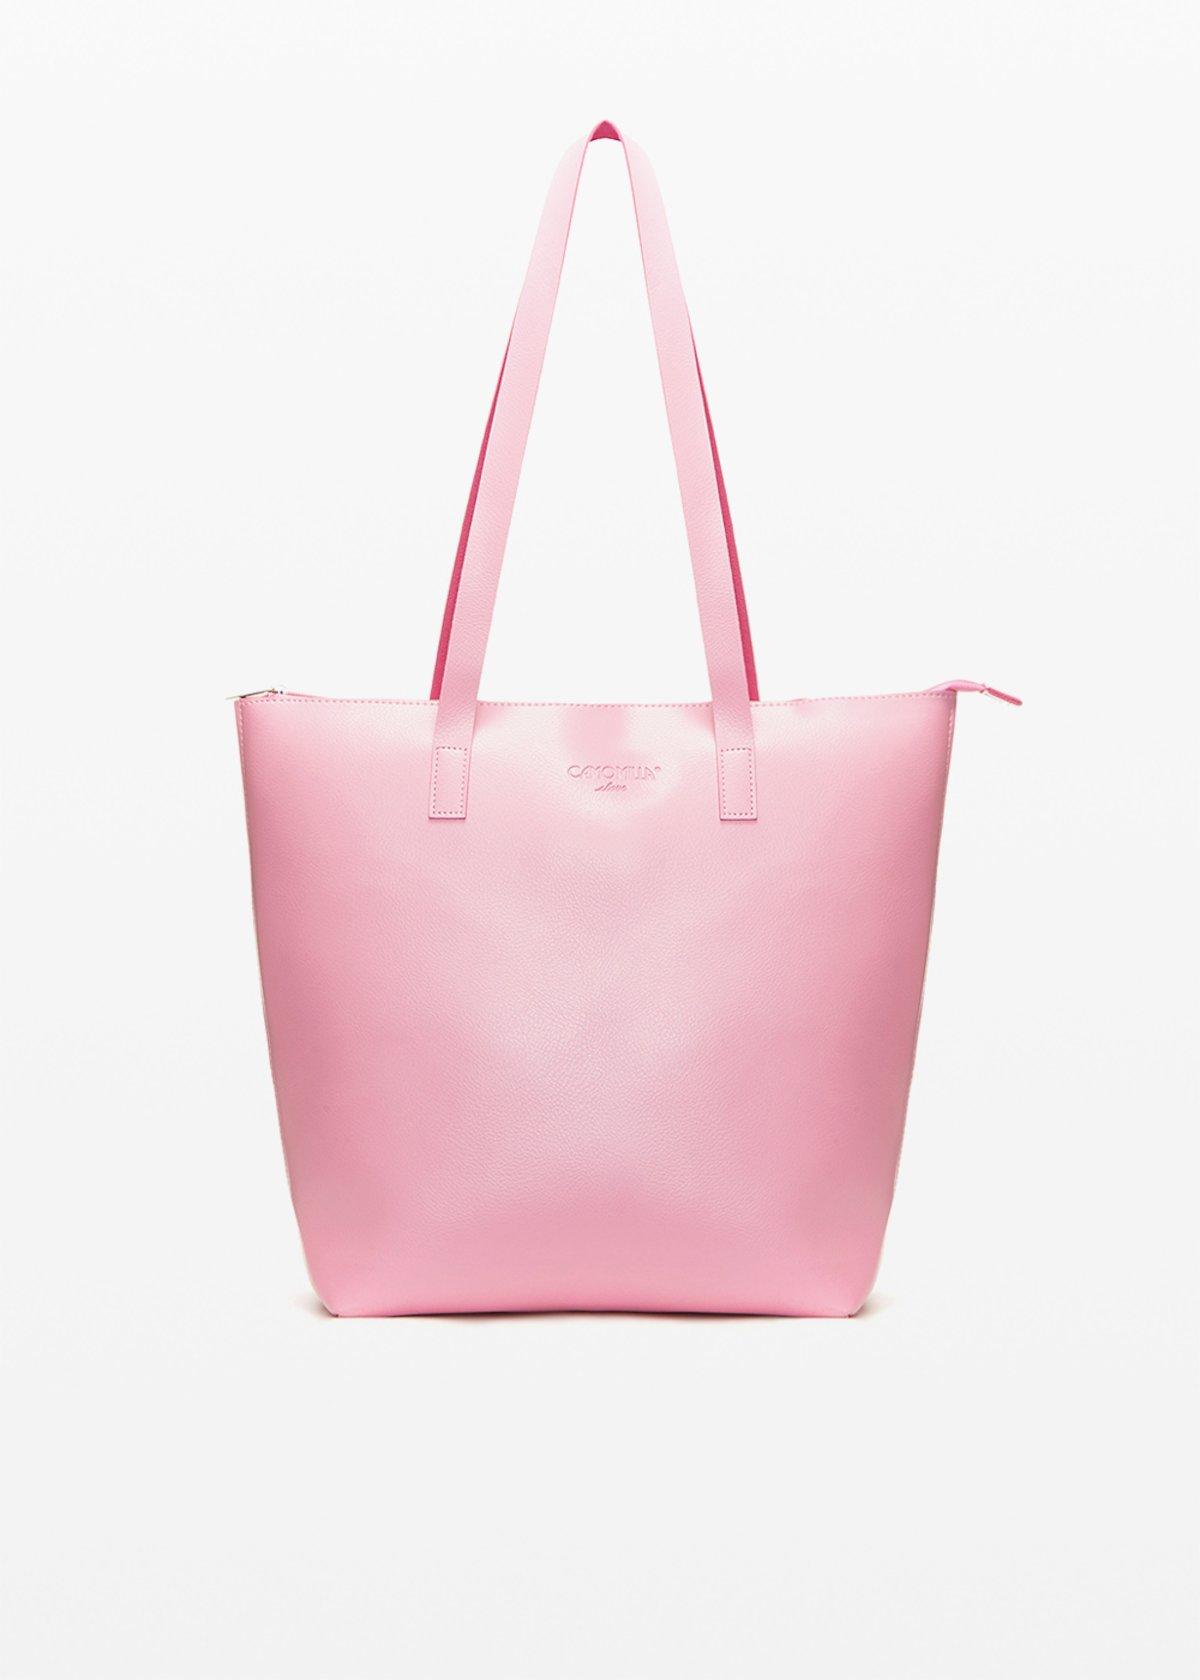 Faux leather Bilia6 shopping bag unlined double colour - Bubble / Hibiscus - Woman